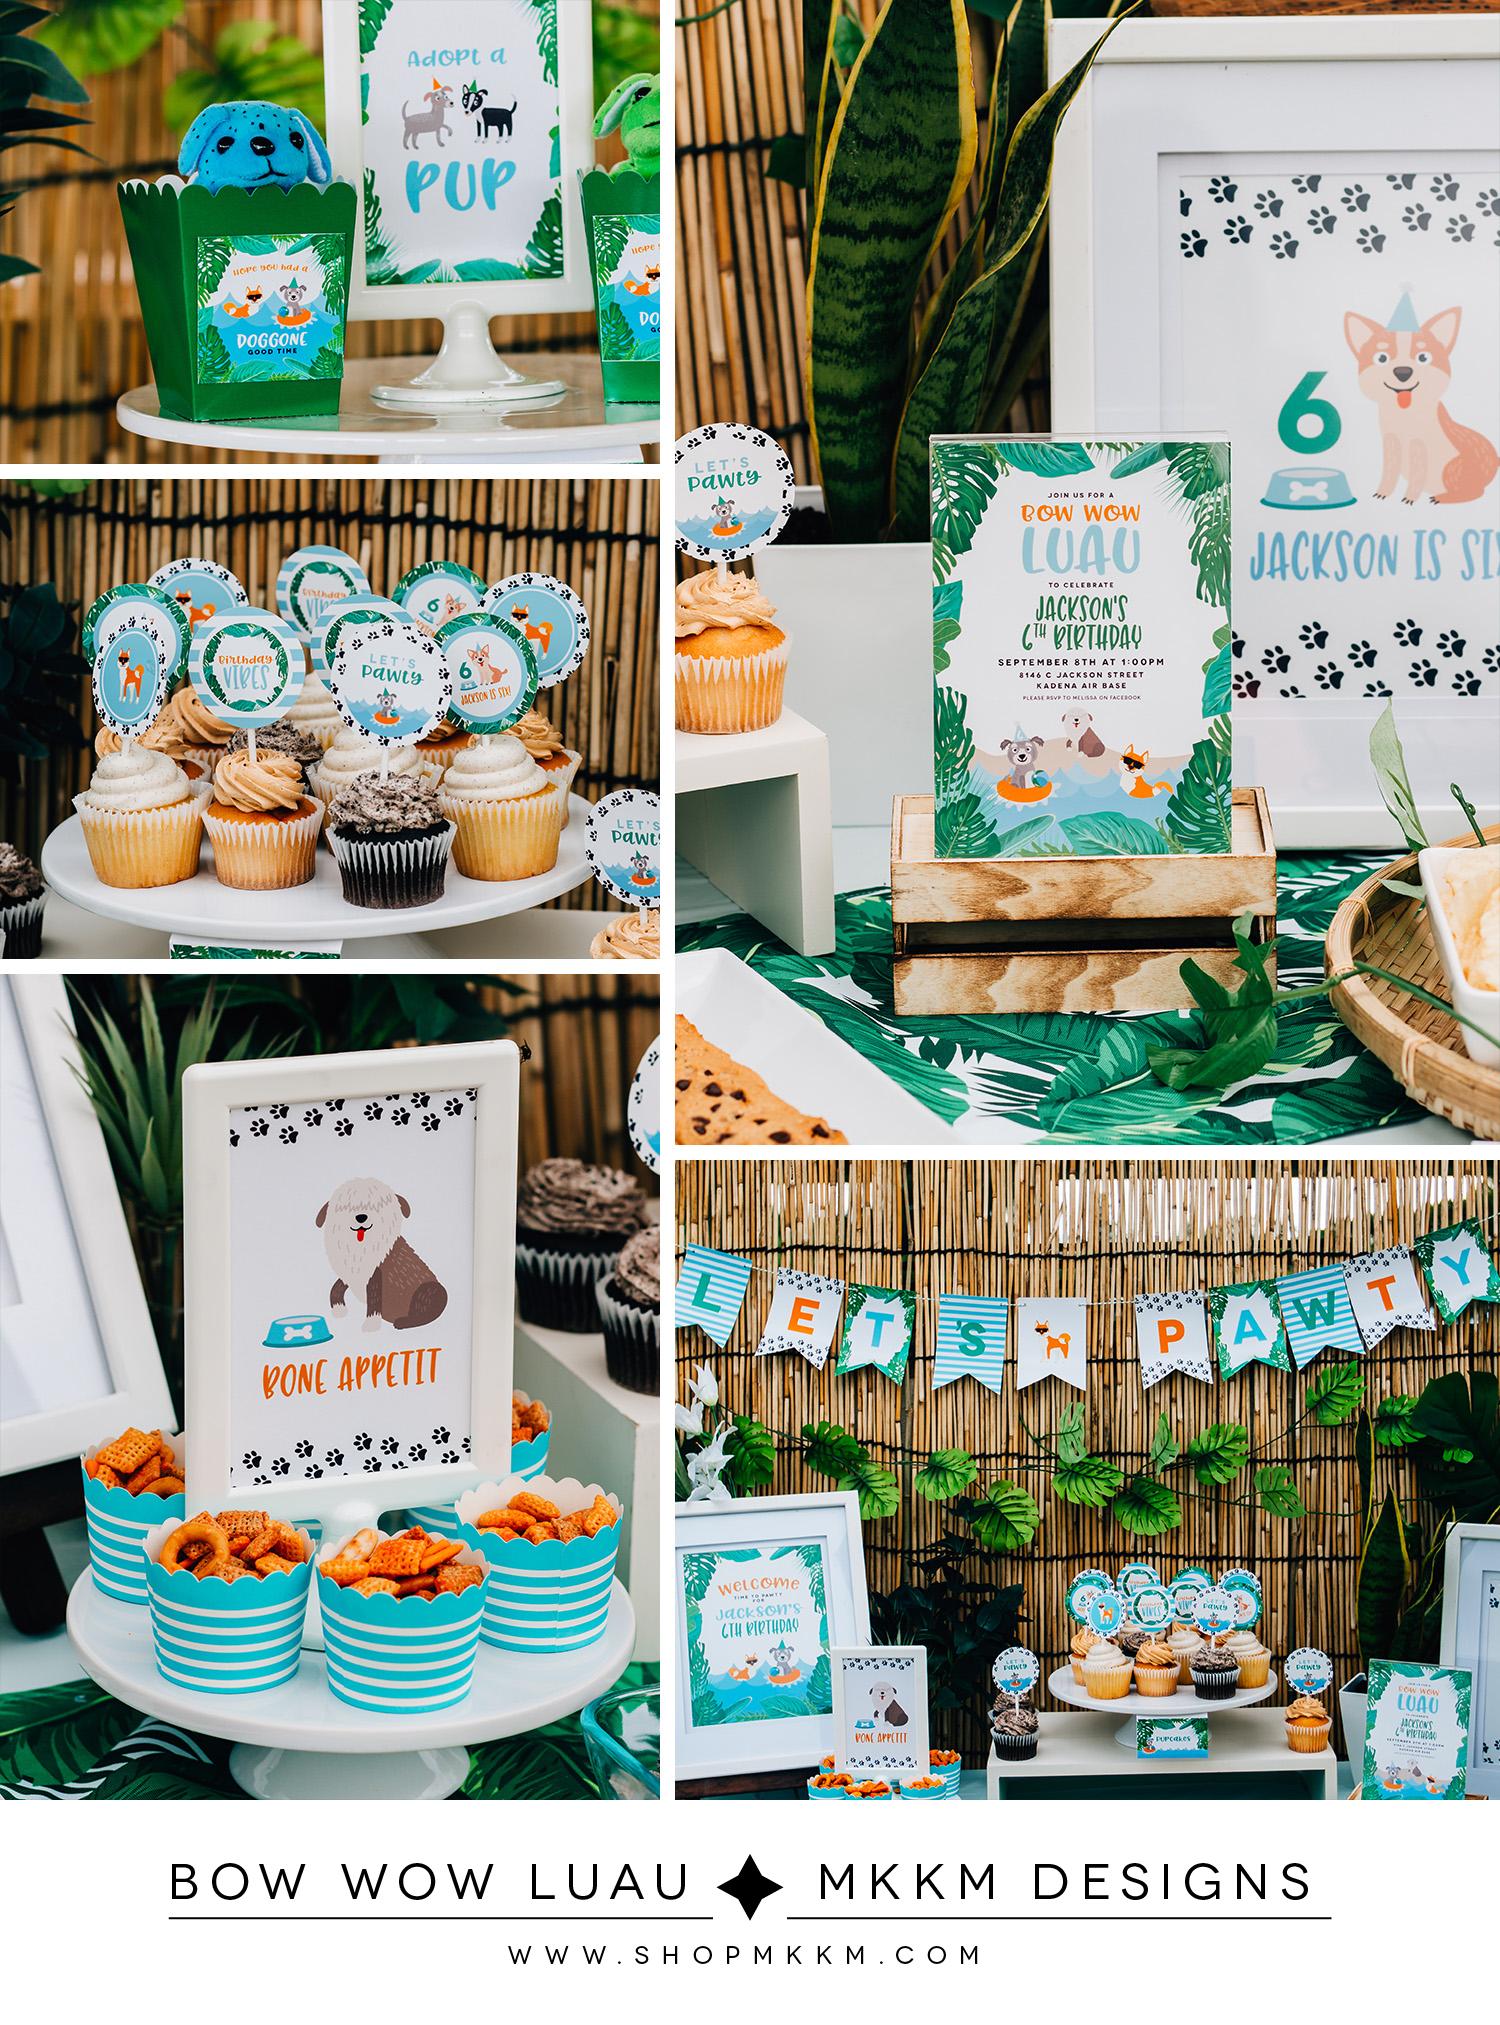 Bow Wow Luau Party from shopmkkm.com